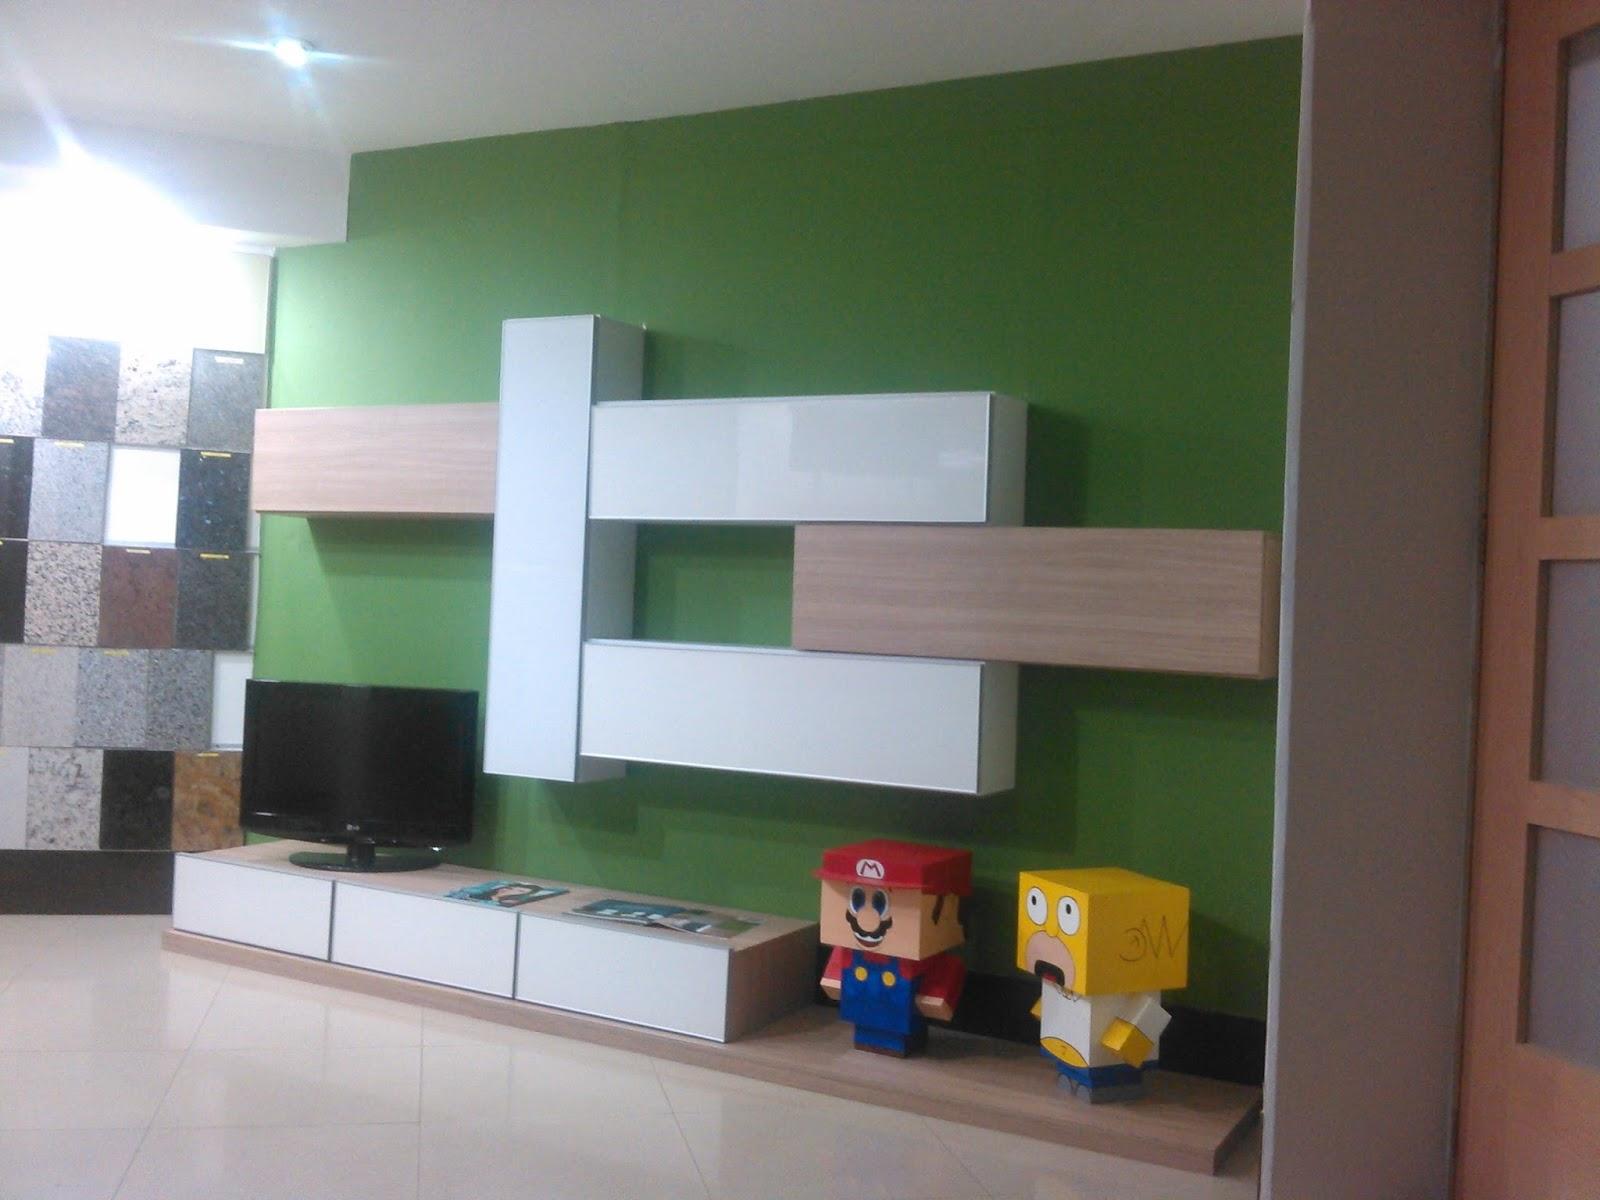 Fabricaci n y dise o de centros de entretenimiento for Diseno de muebles 3d